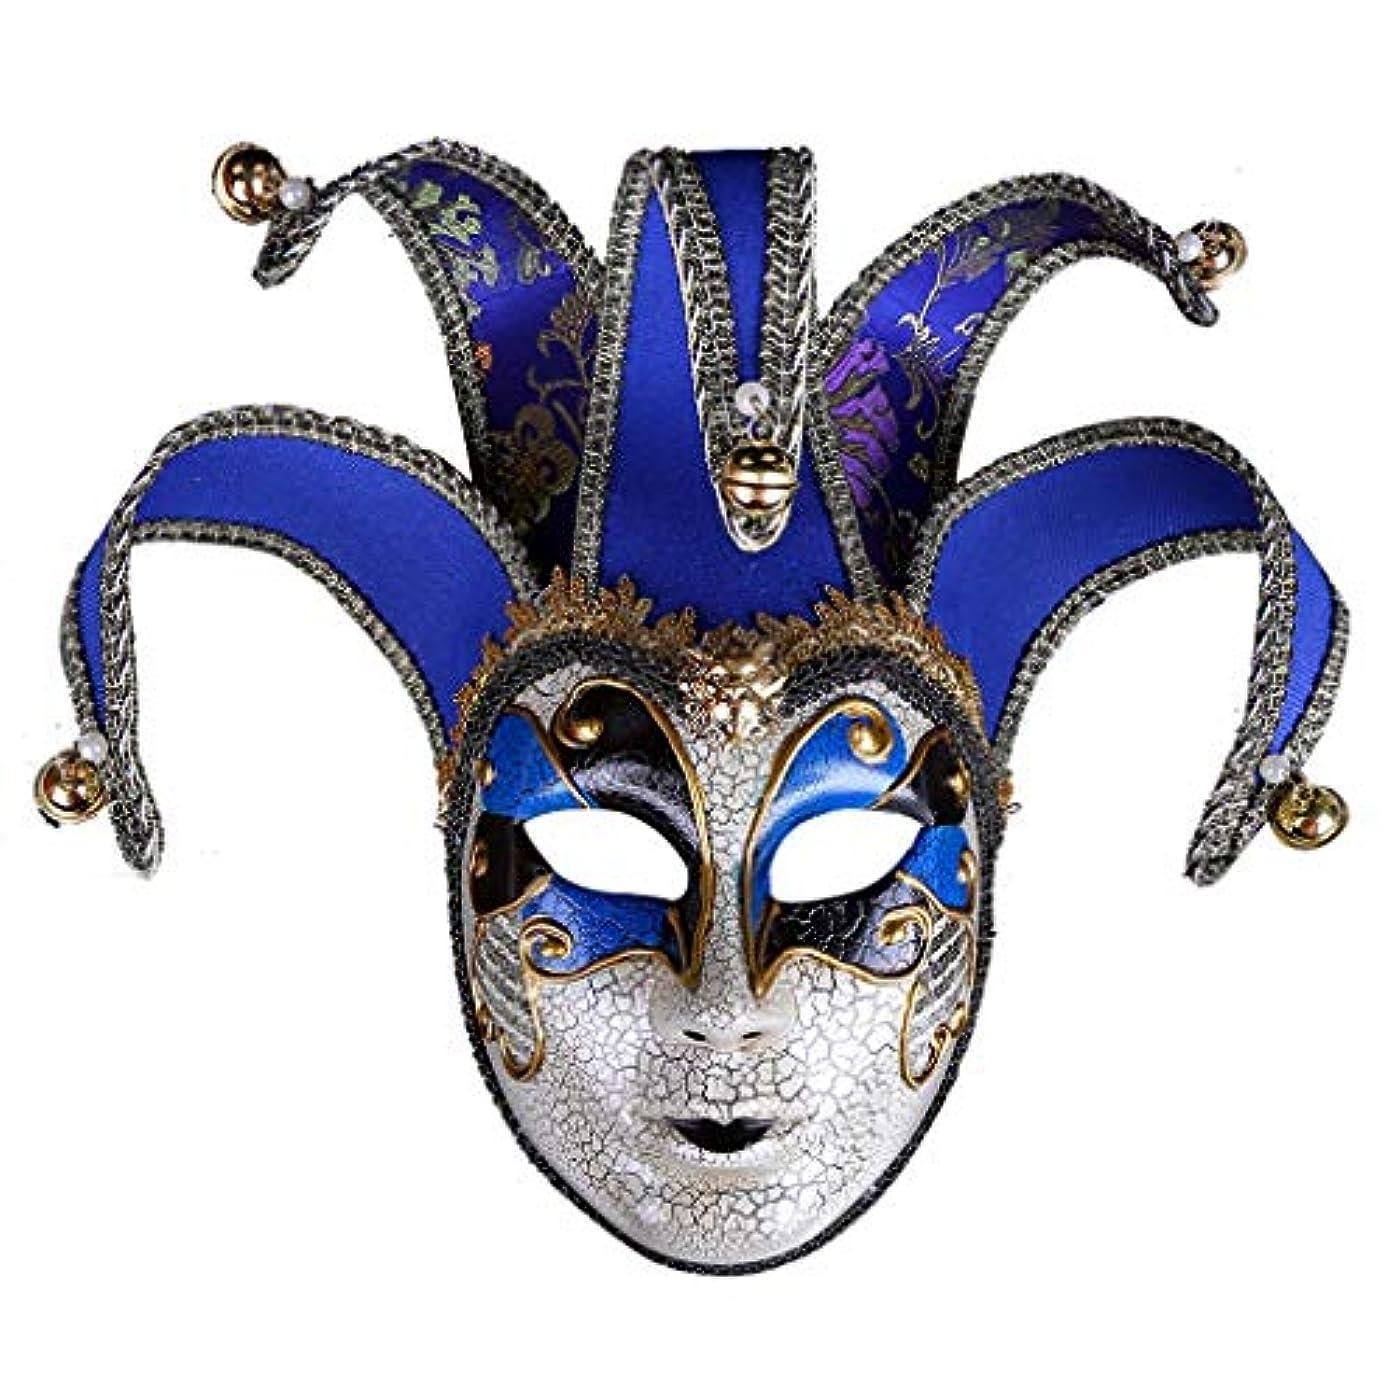 テロリスト実験させるハロウィンマスクヴィンテージマスク女性のアダルトマスクヴェネツィアフェスティバルプロップフェイスデコレーション仮装クリエイティブマスク (Color : BLUE)